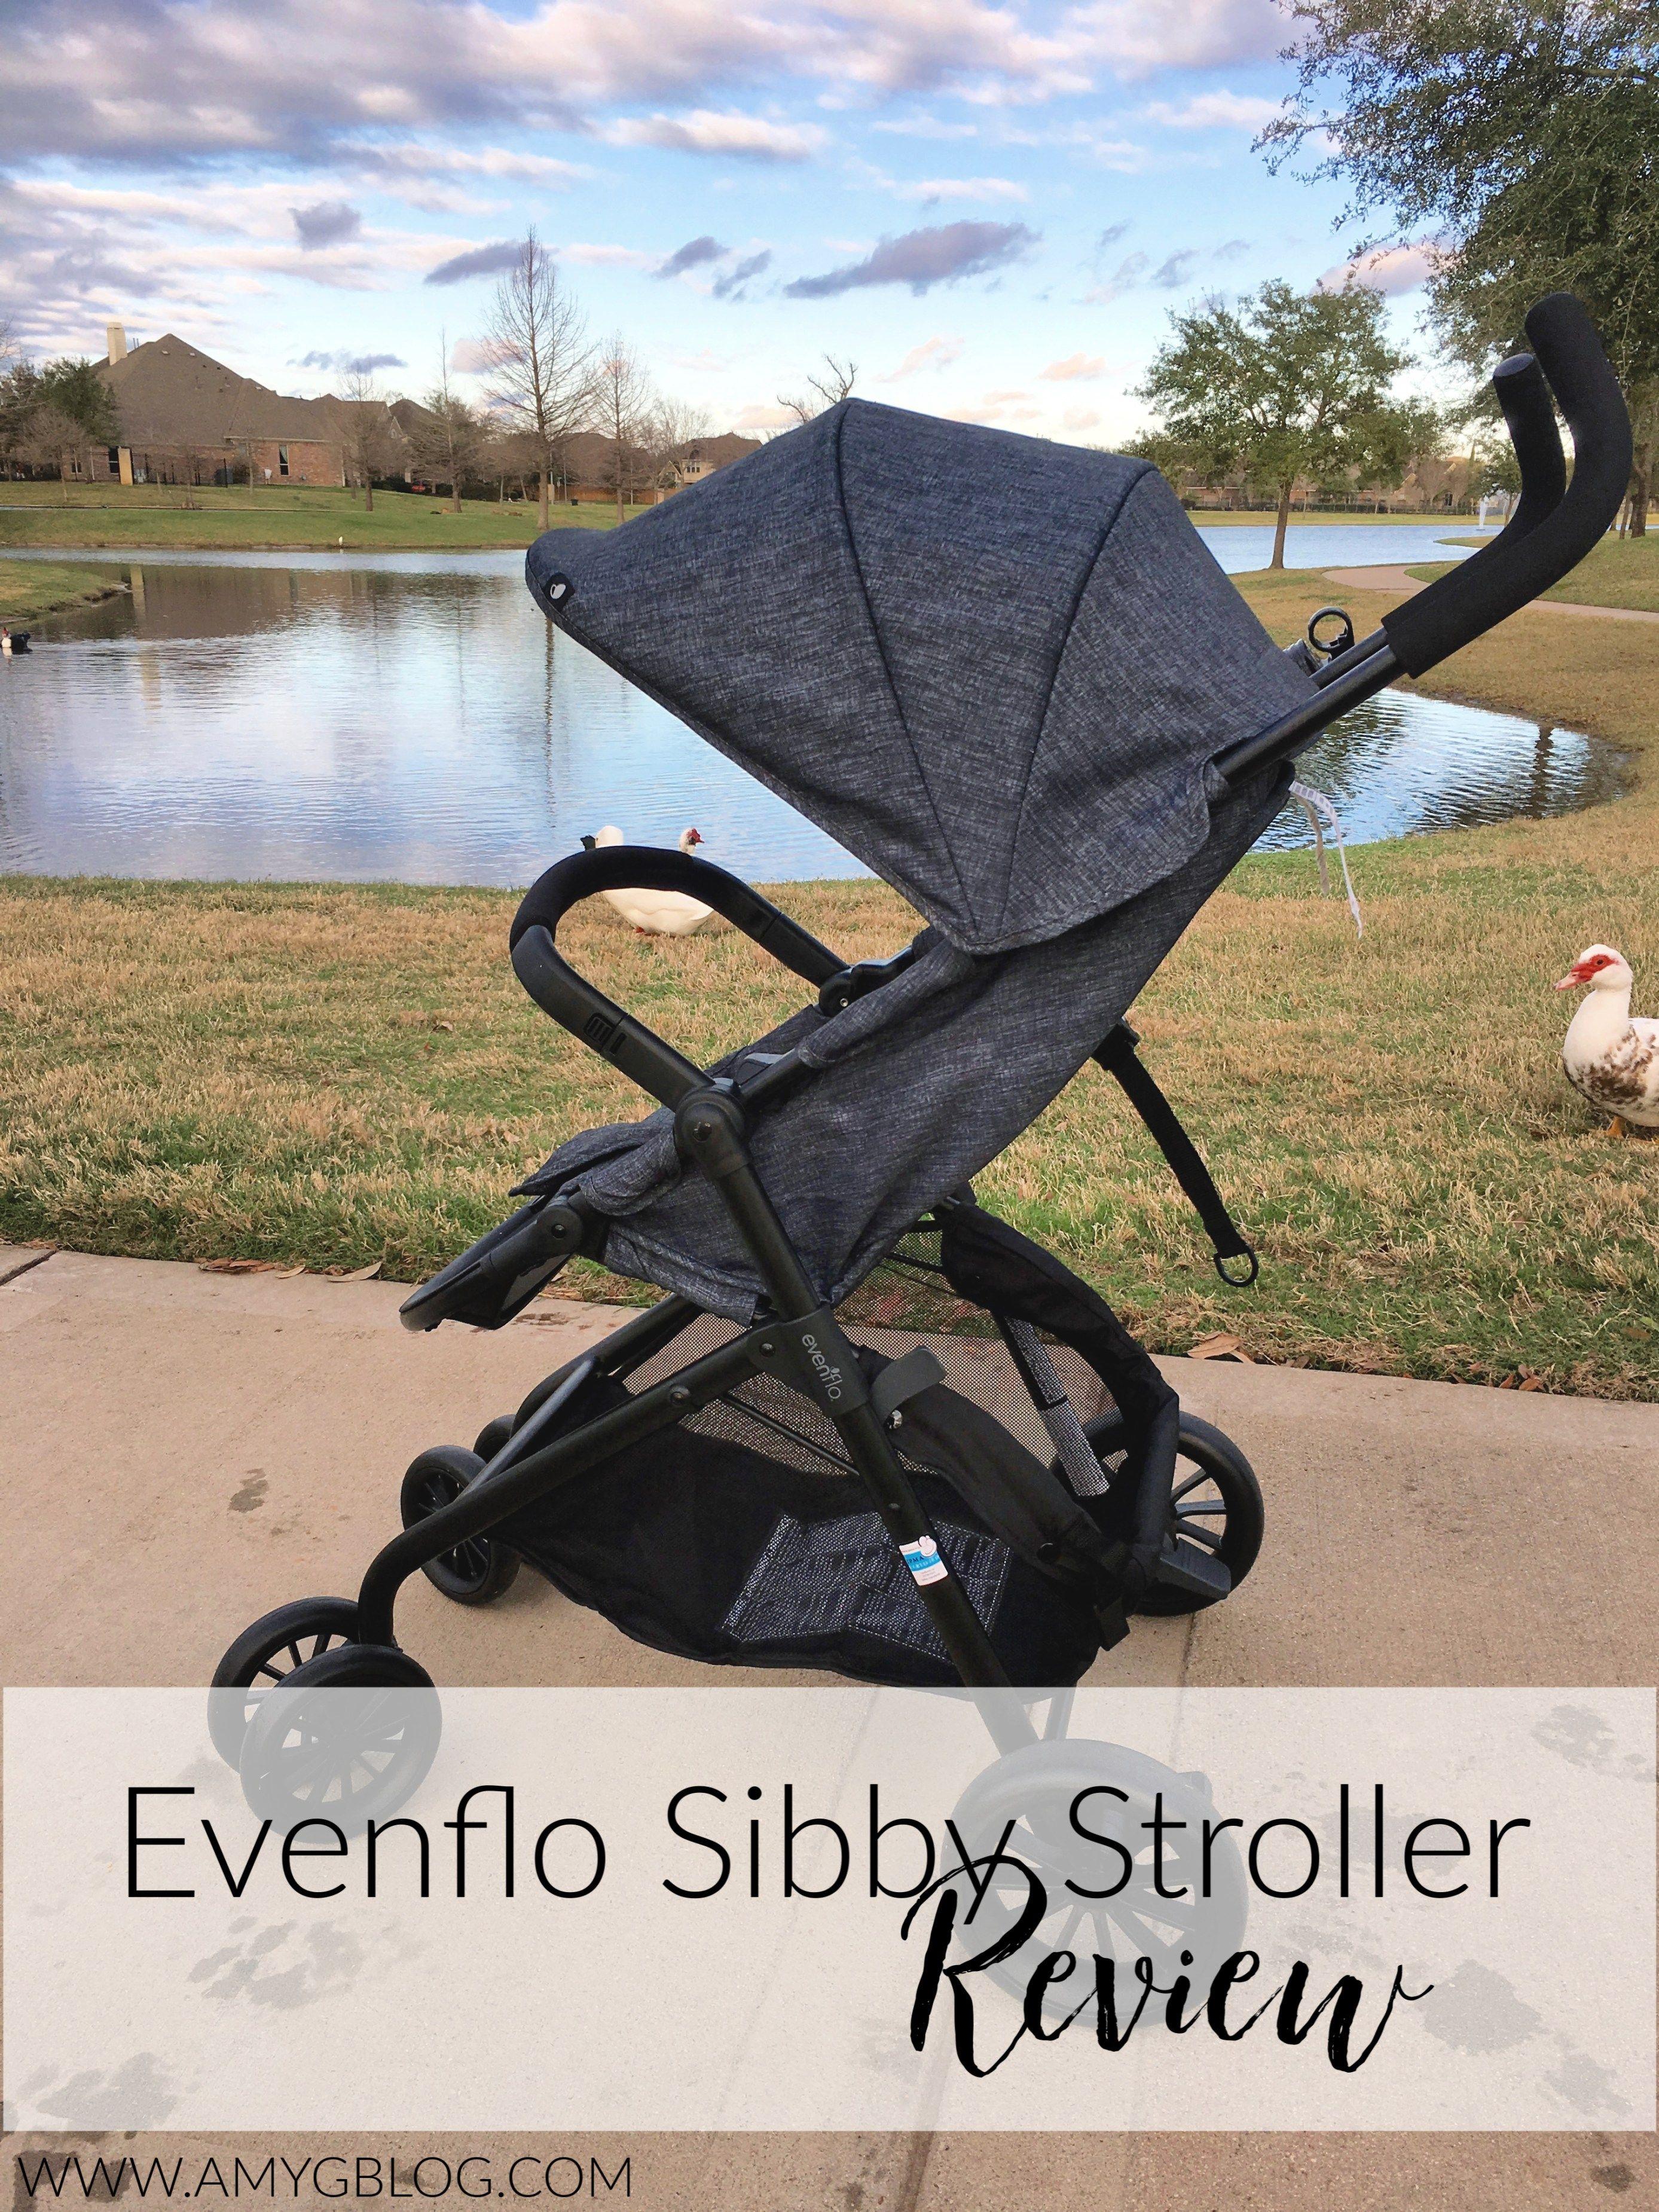 Evenflo Sibby Stroller Review Stroller, Stroller reviews